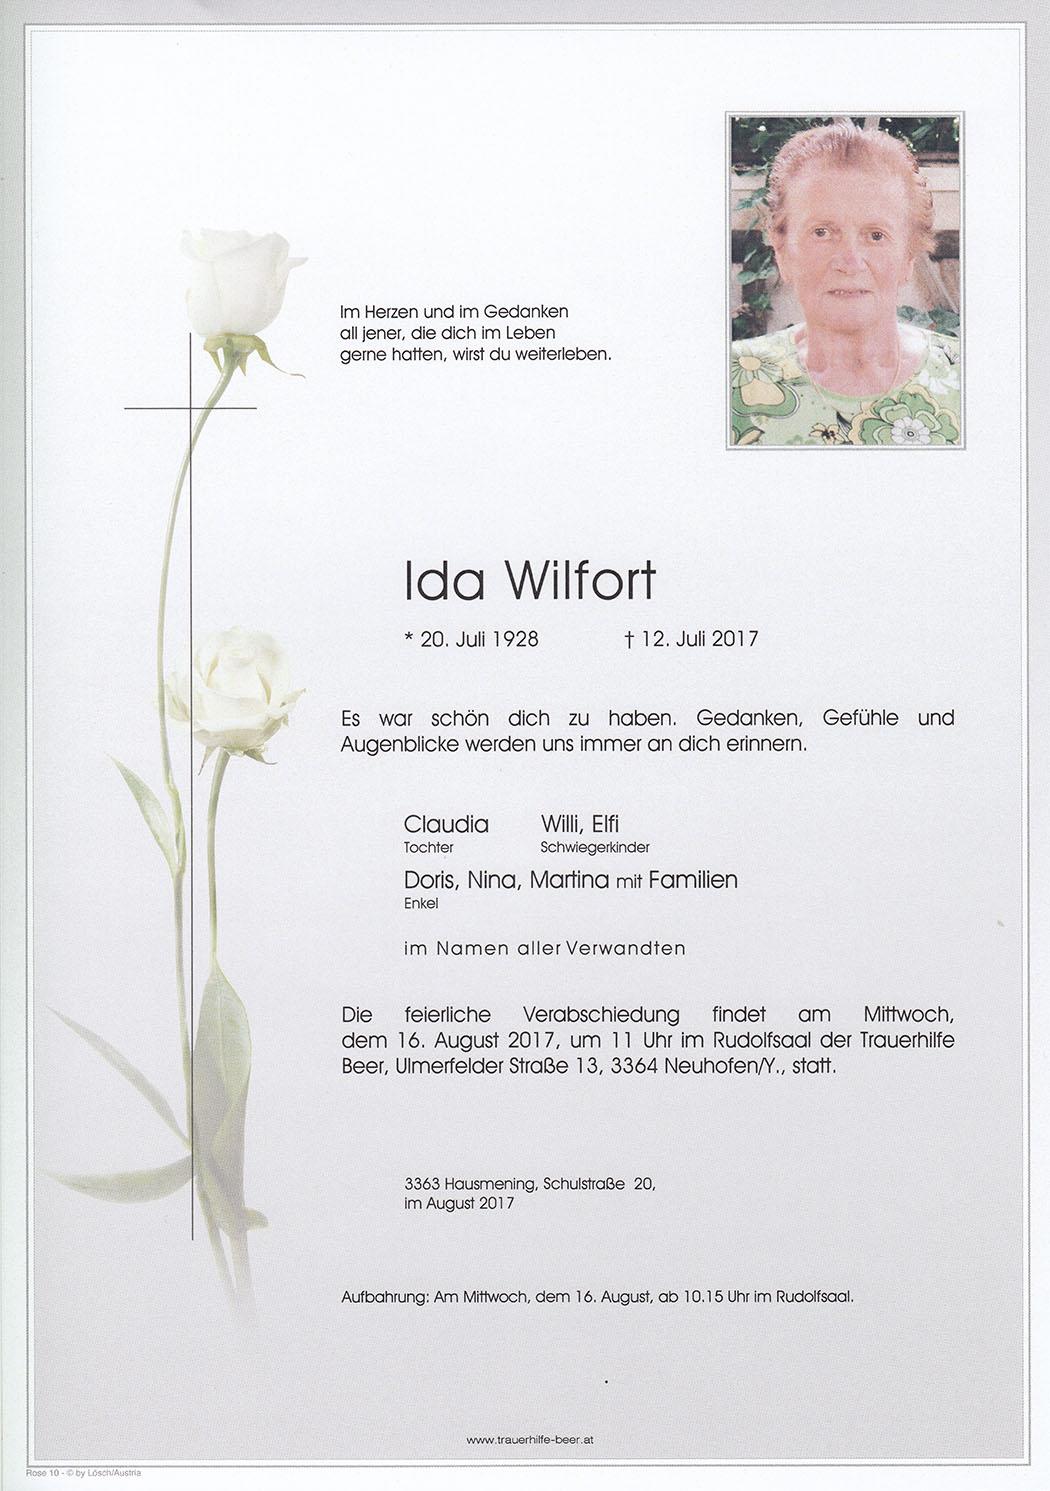 Ida Wilfort